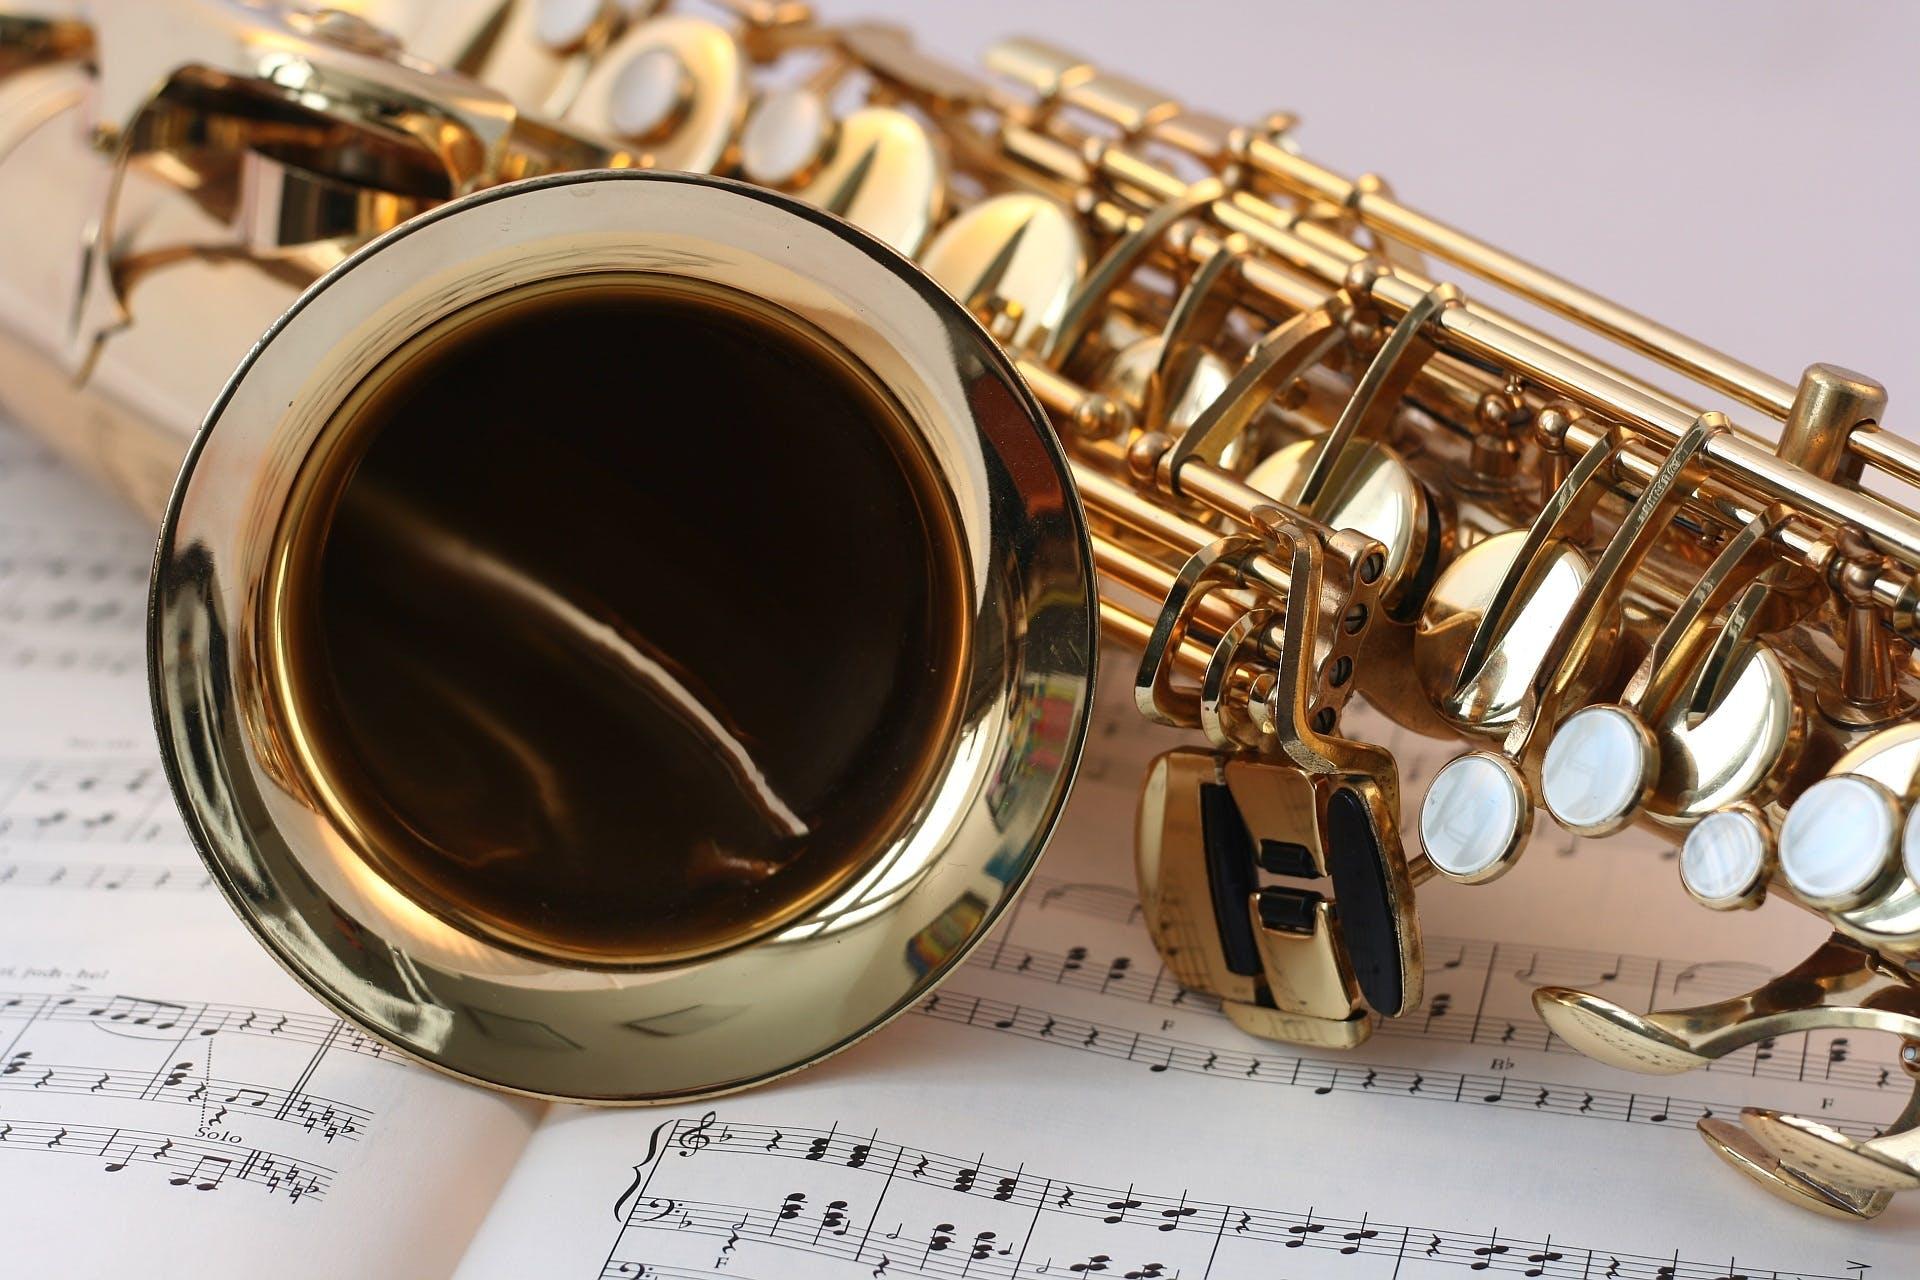 brass, classic, classical music